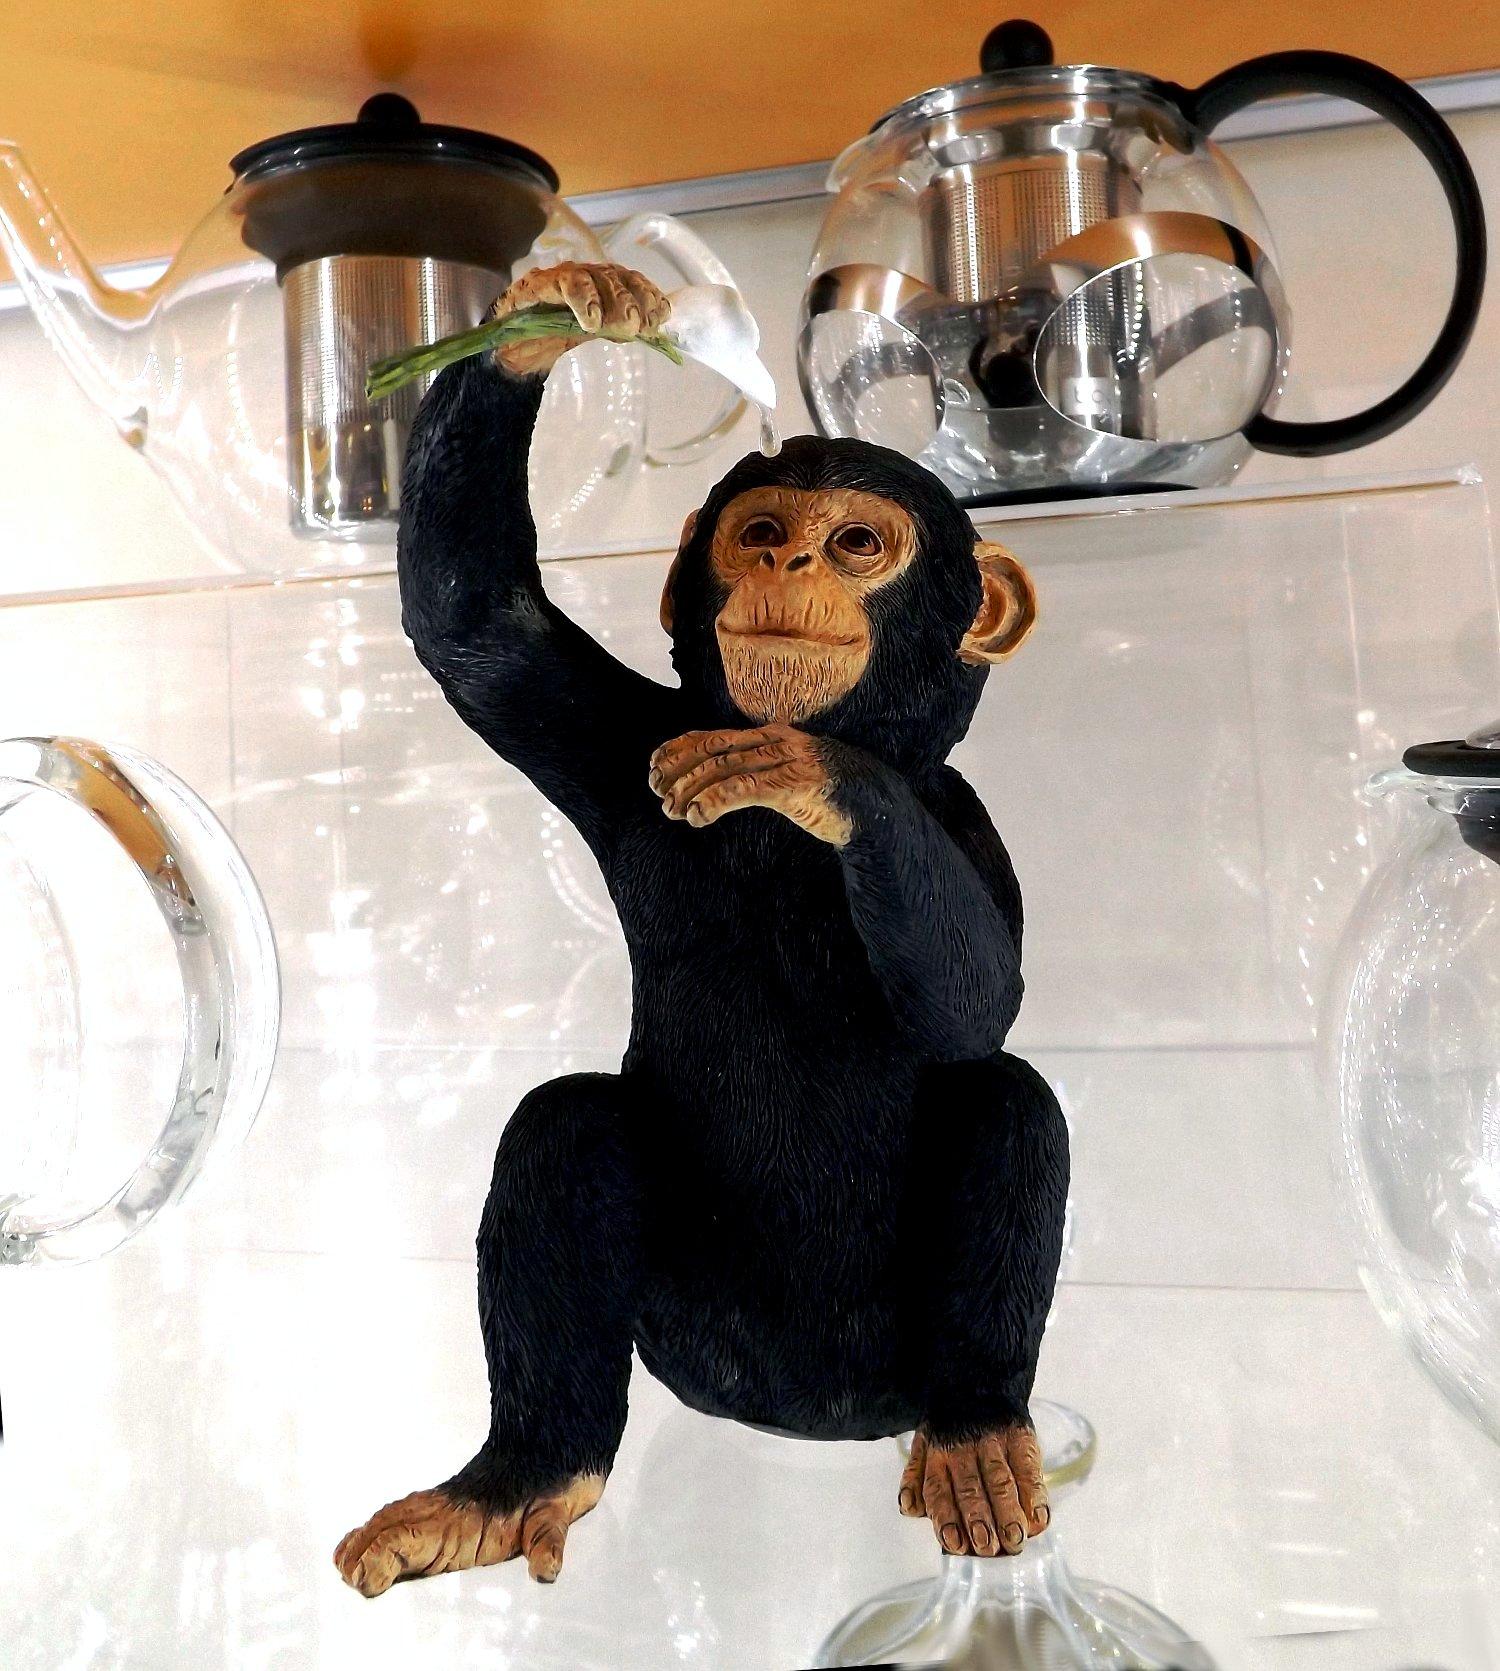 Статуэтка обезьяны на витрине с продукцией от Bodum из ассортимента магазина Посуда40.рф